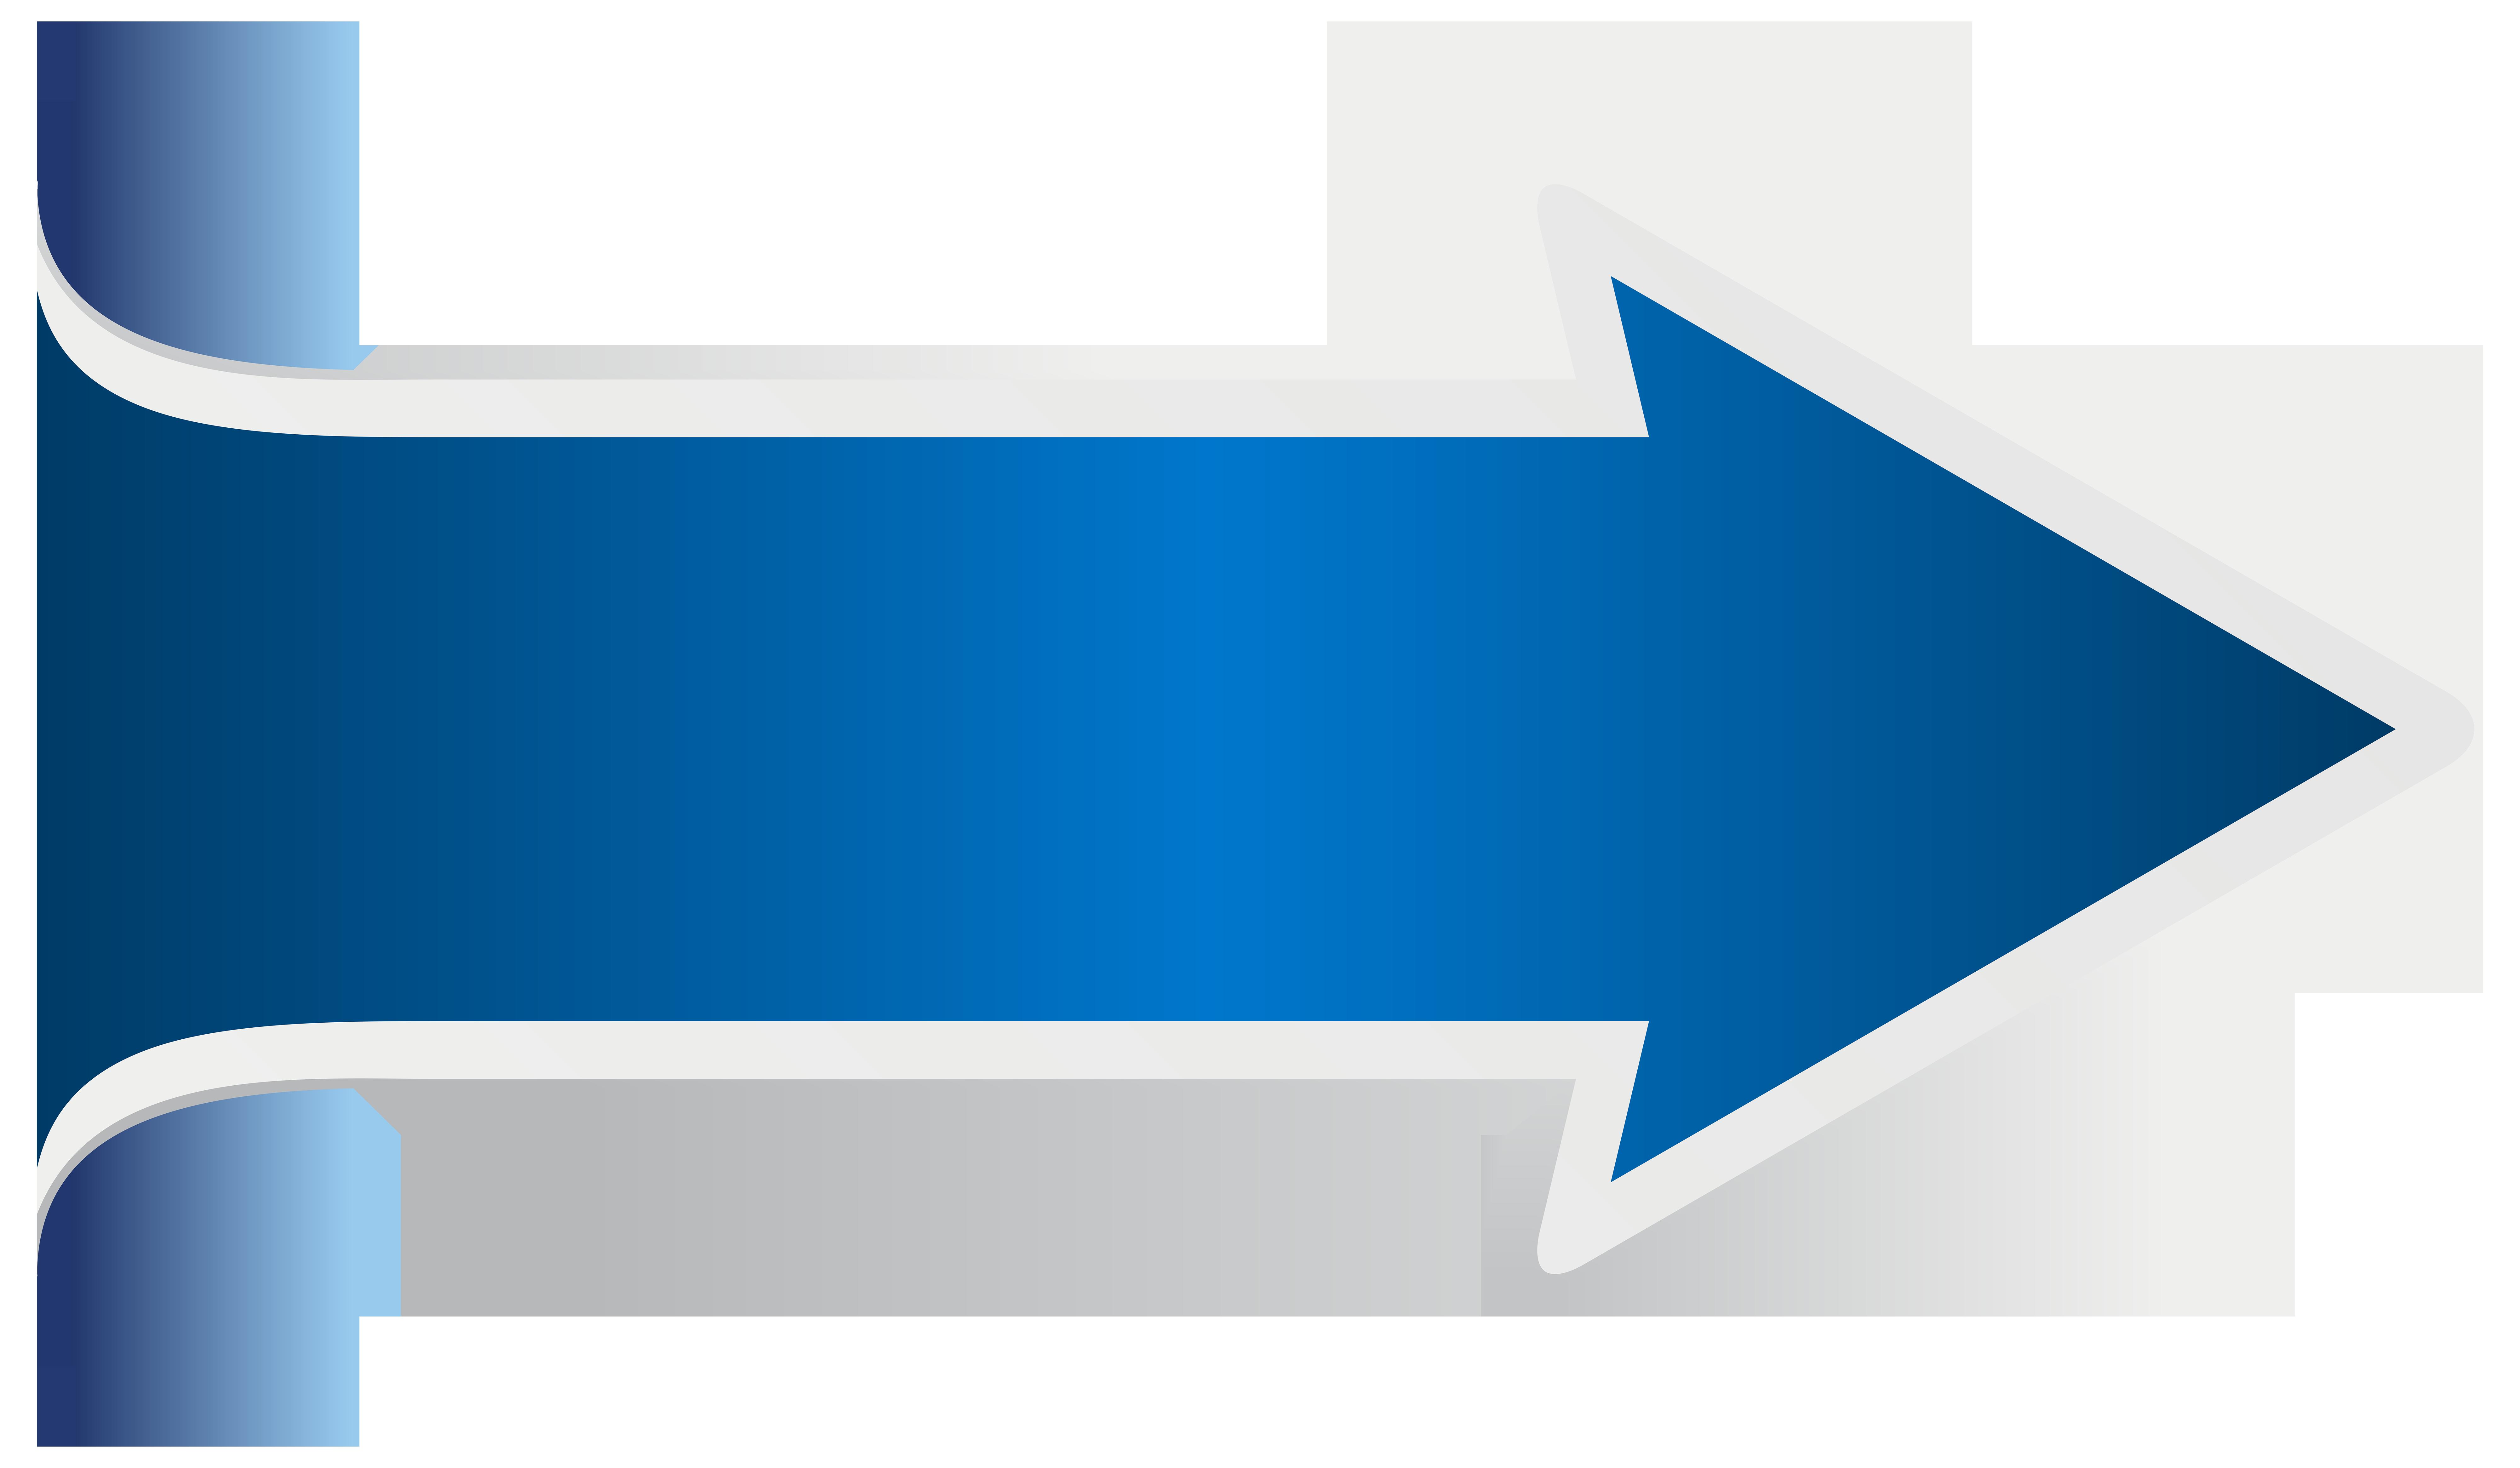 Blue Arrow PNG Clip Art Transparent Image.